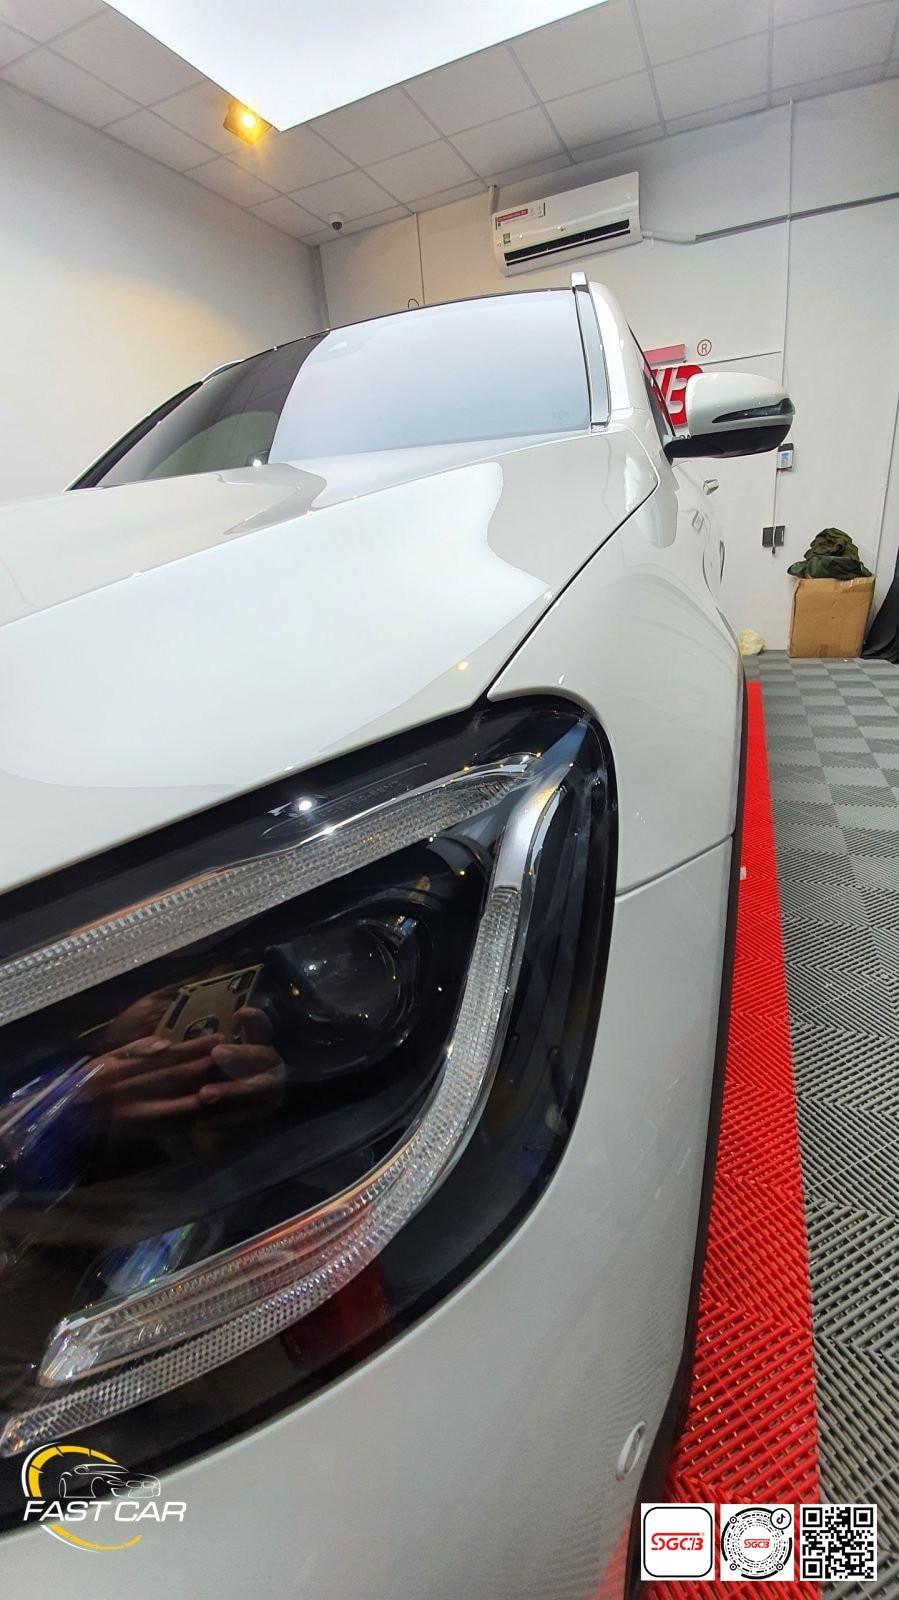 fast car -4